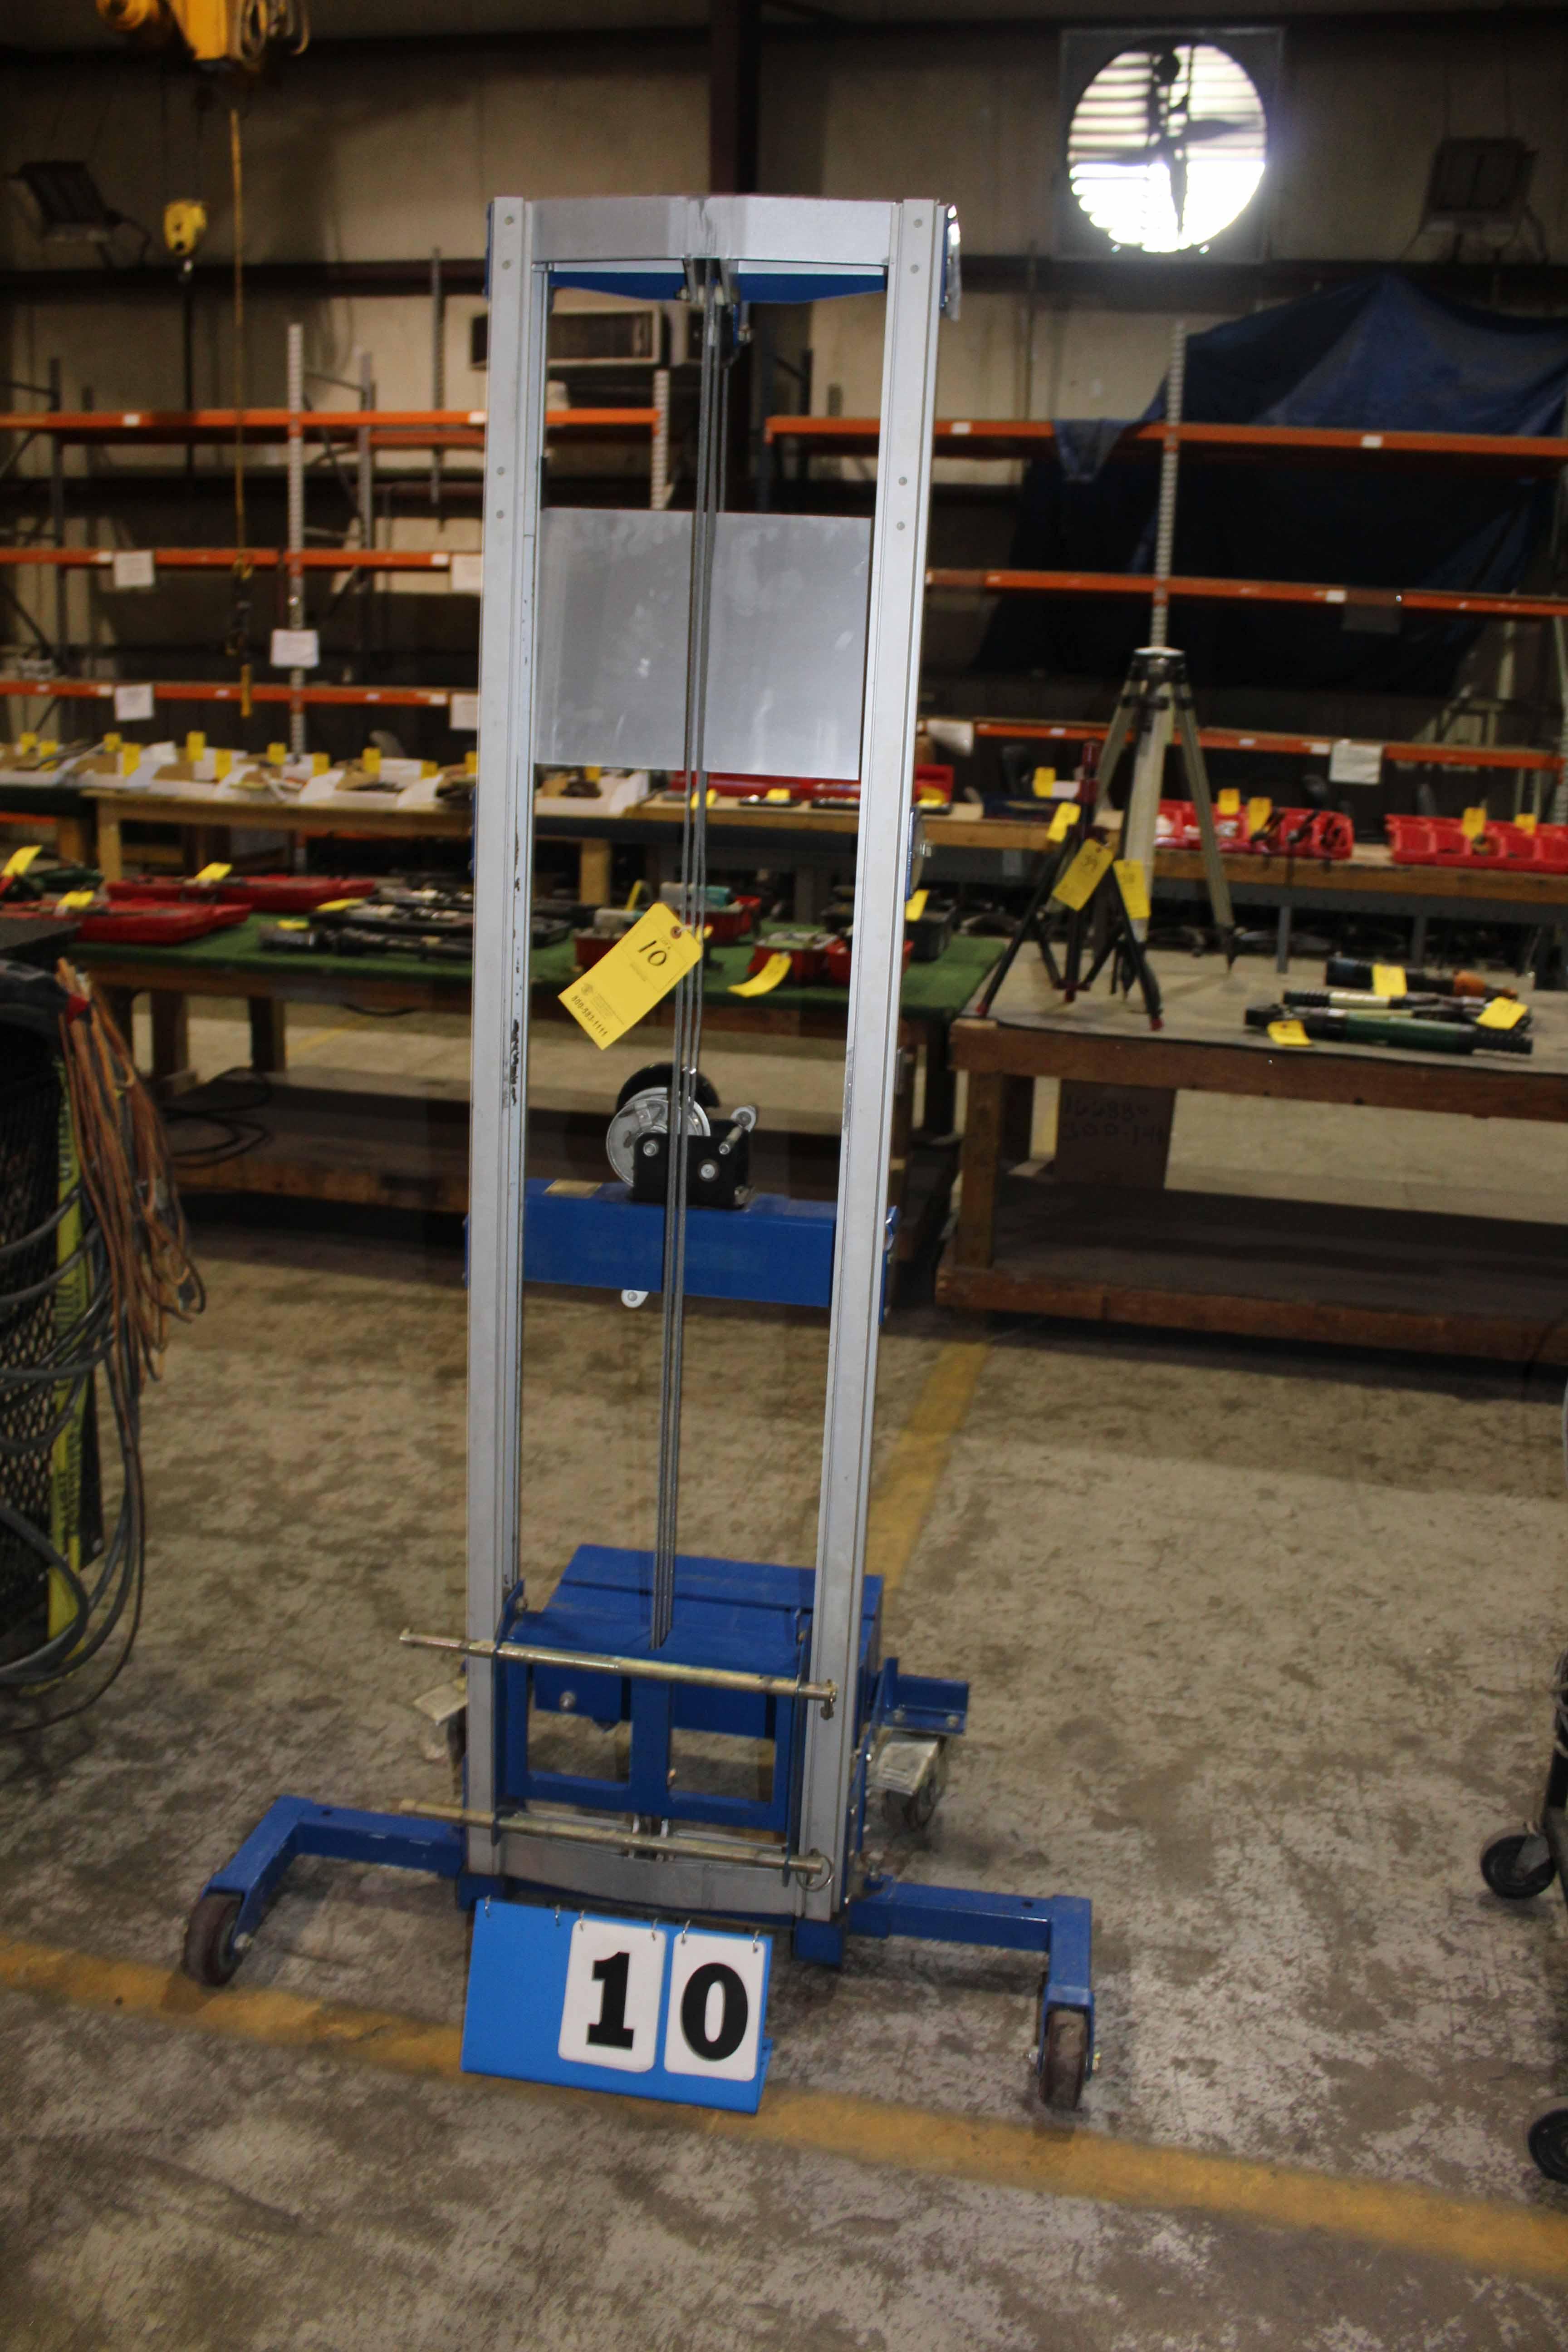 Lot 10 - PORTABLE GENIE LIFT, 350 lb. cap., crank type